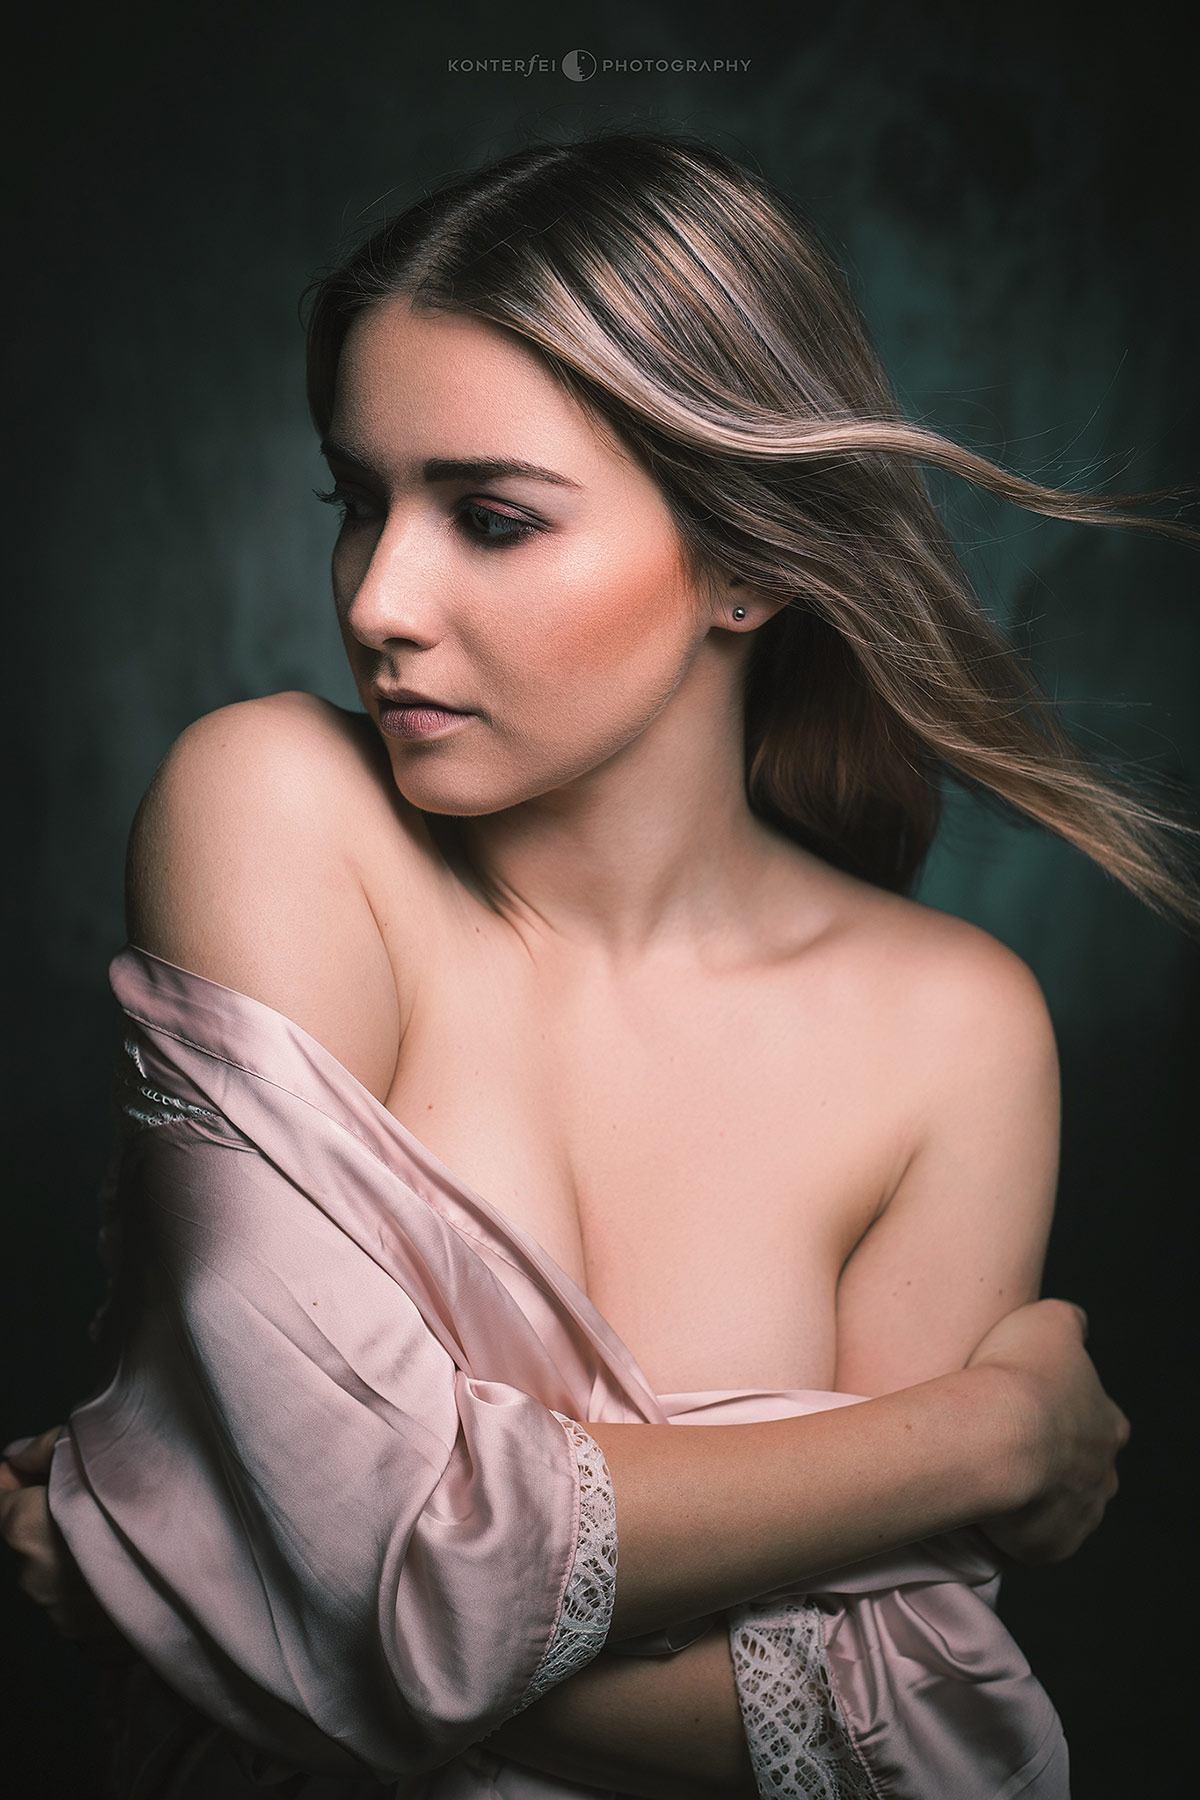 Vogue | Beauty Portraits | Photography